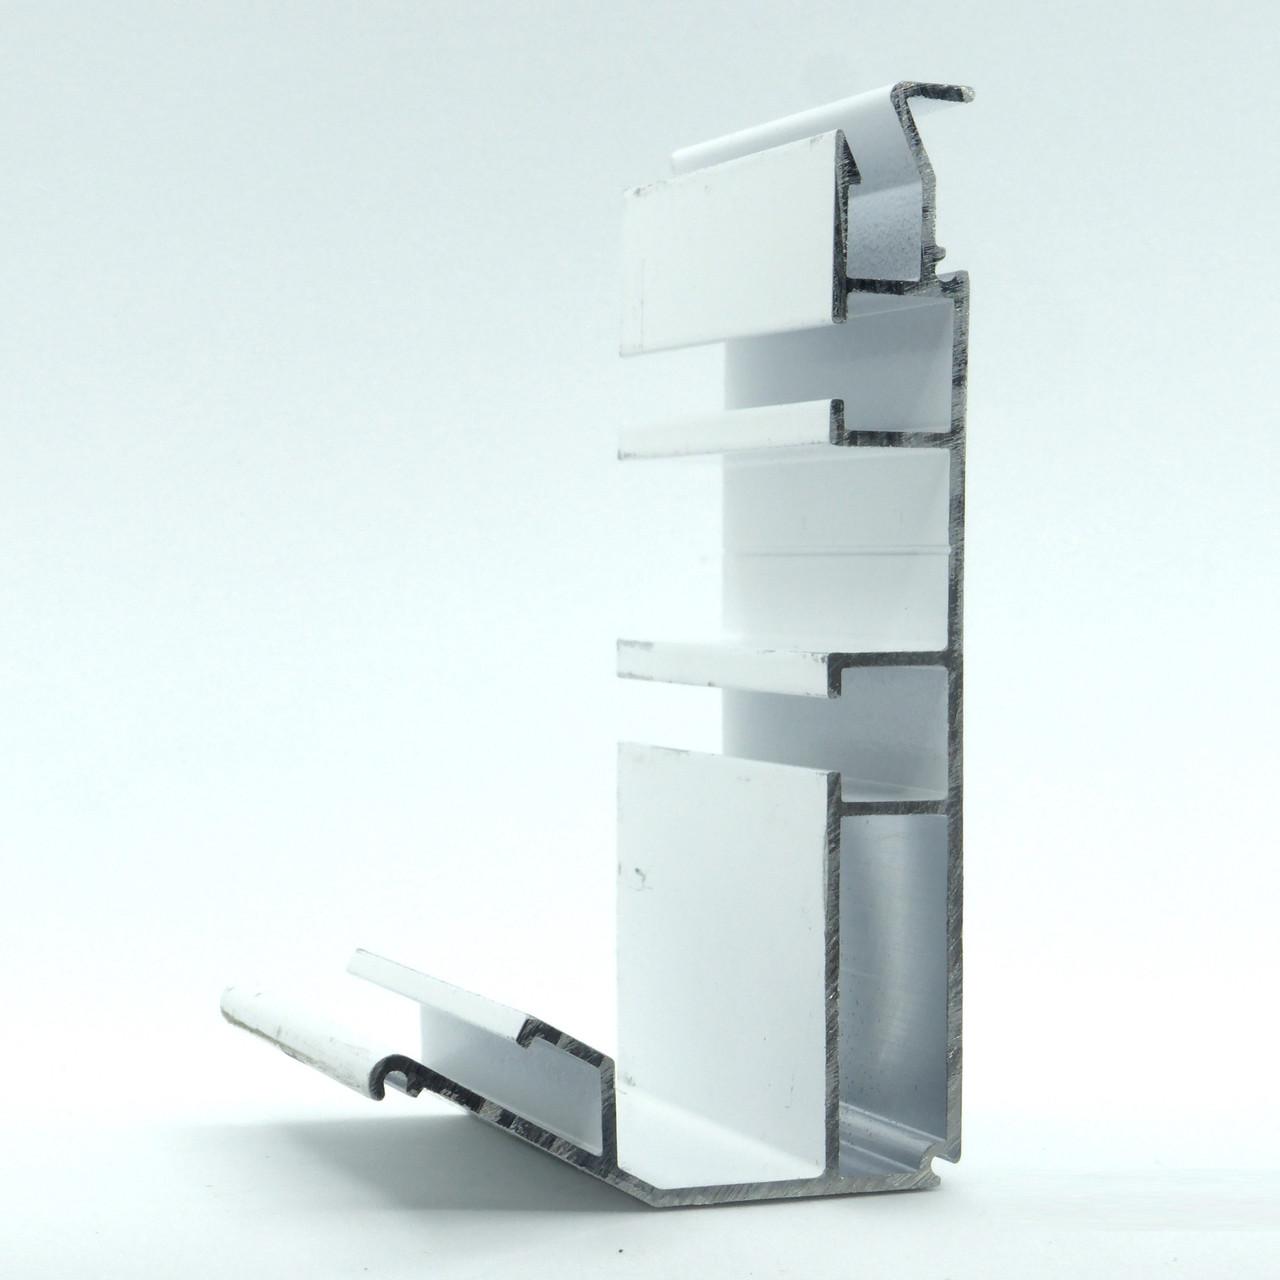 Профиль алюминиевый для натяжных потолков - Гардина двухполосный. Длина профиля 2,5 м.